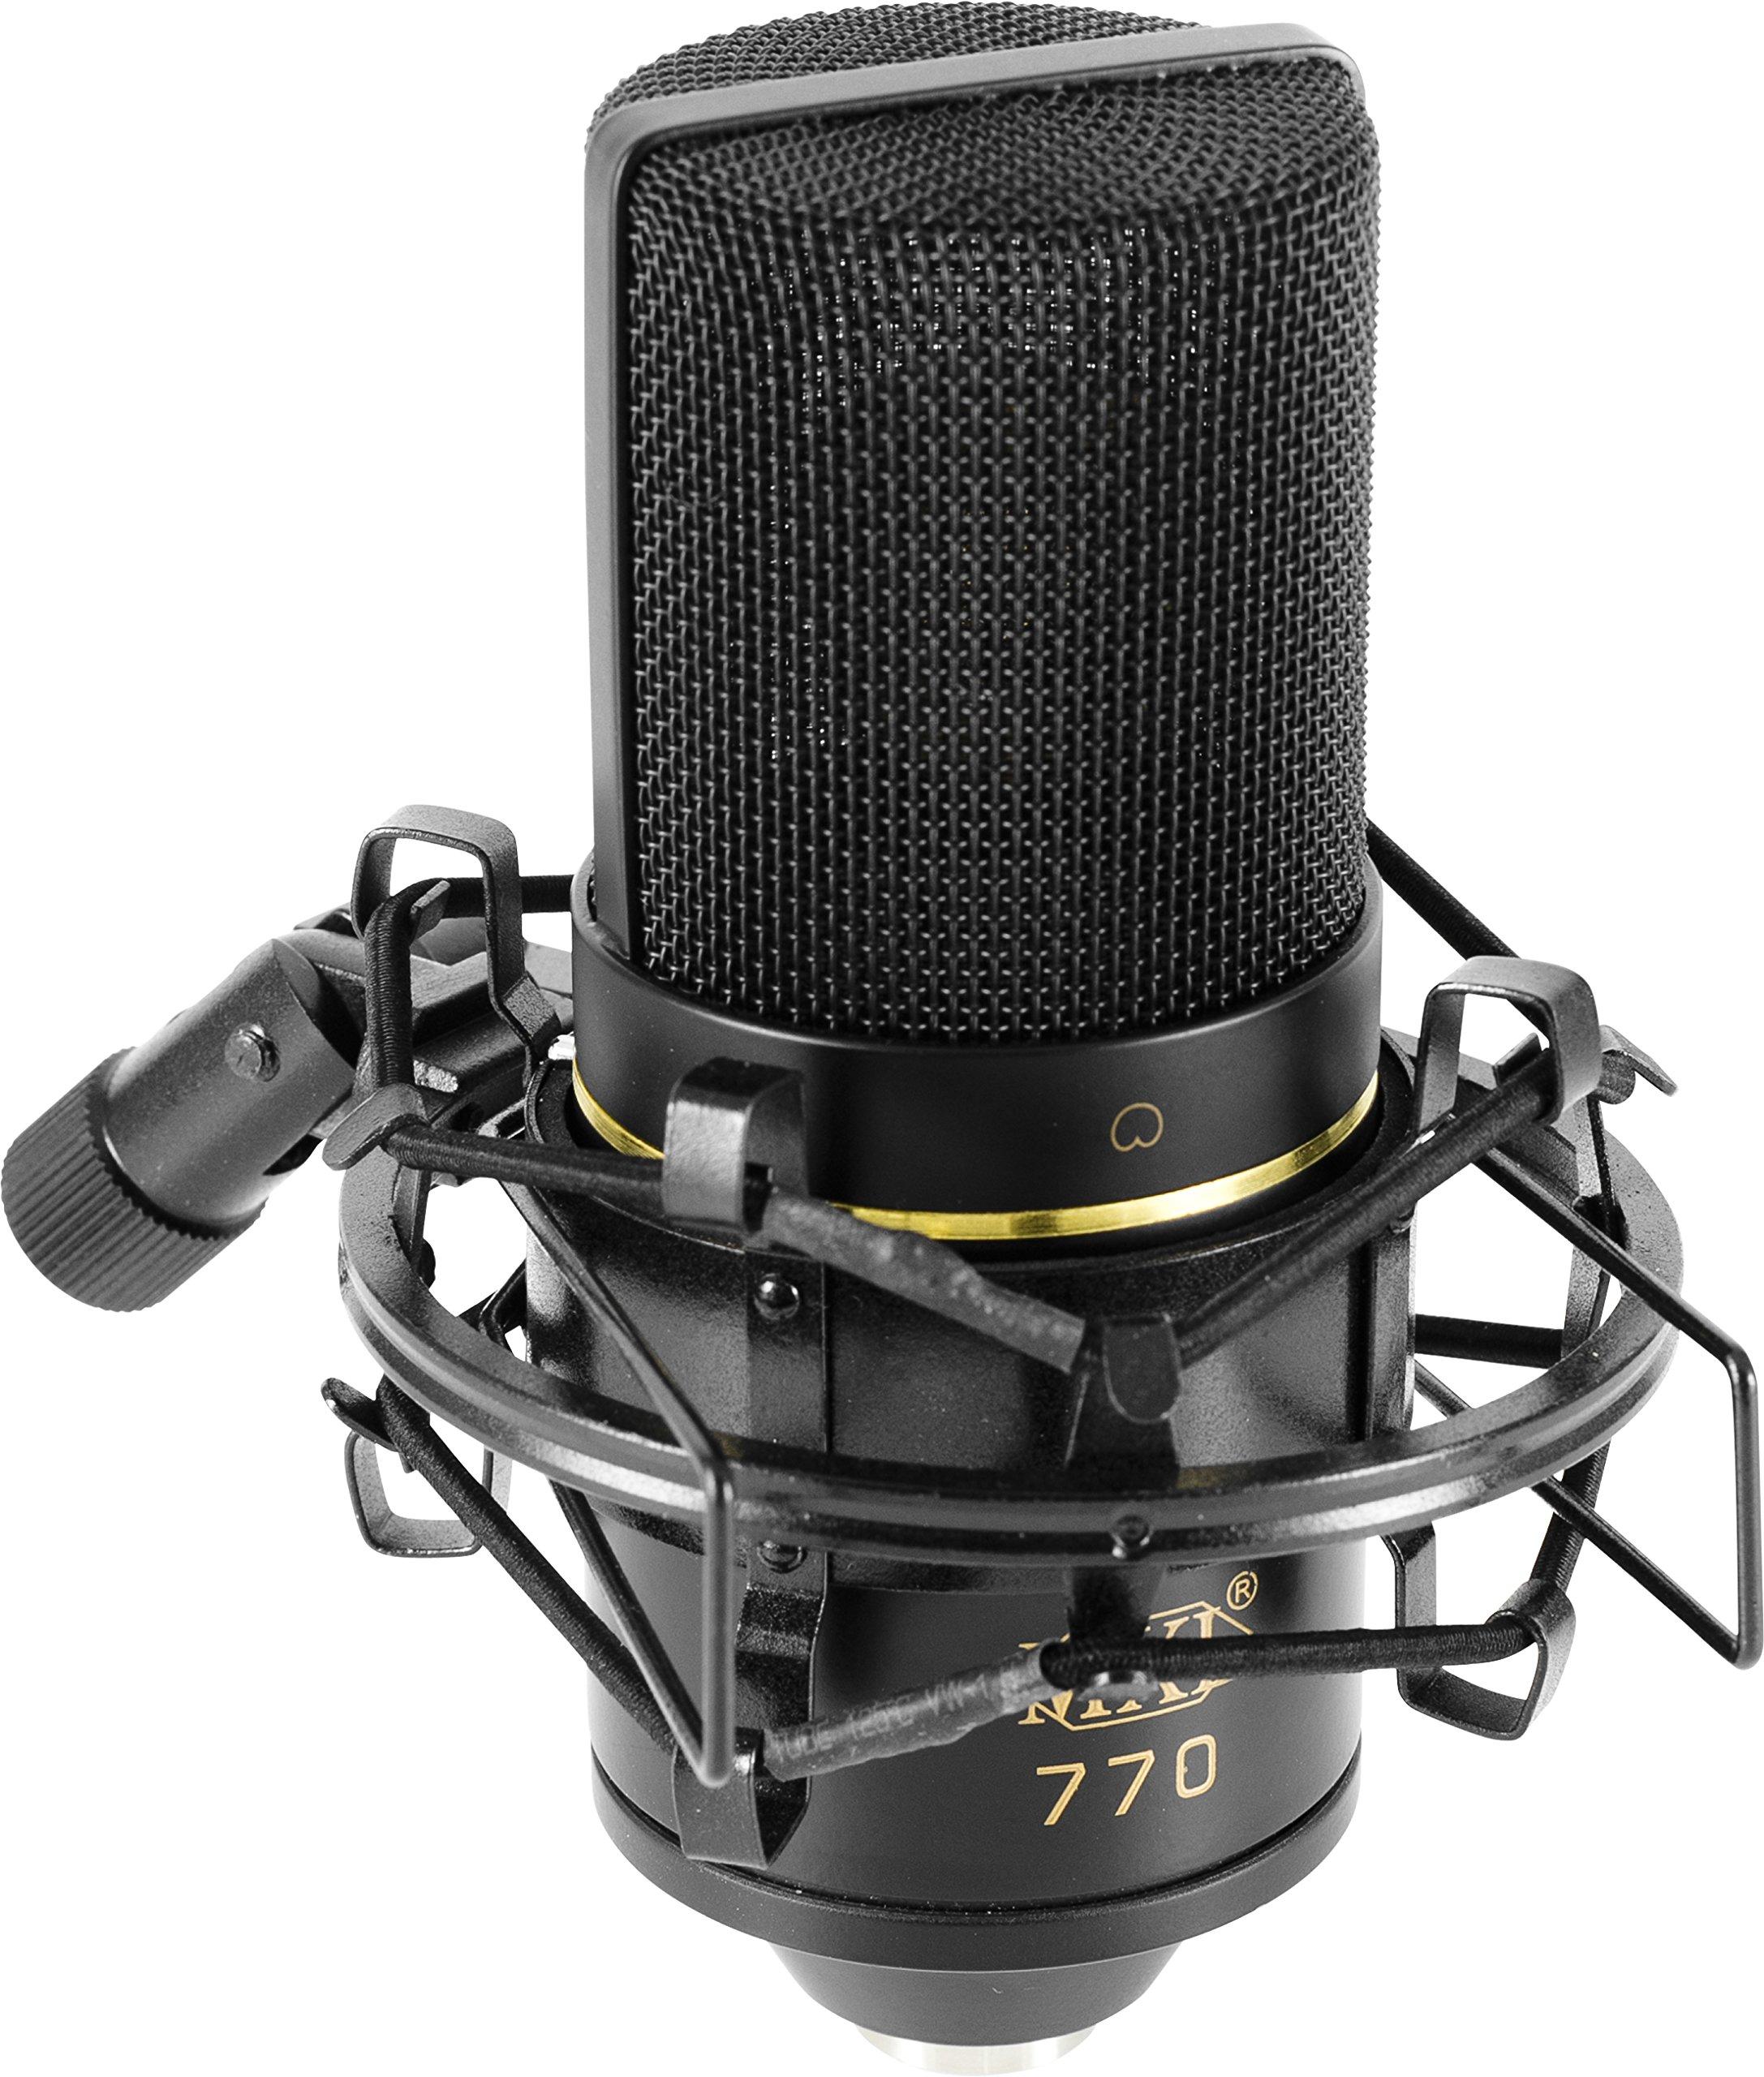 Best Condenser Mic : best rated in studio microphones helpful customer reviews ~ Russianpoet.info Haus und Dekorationen